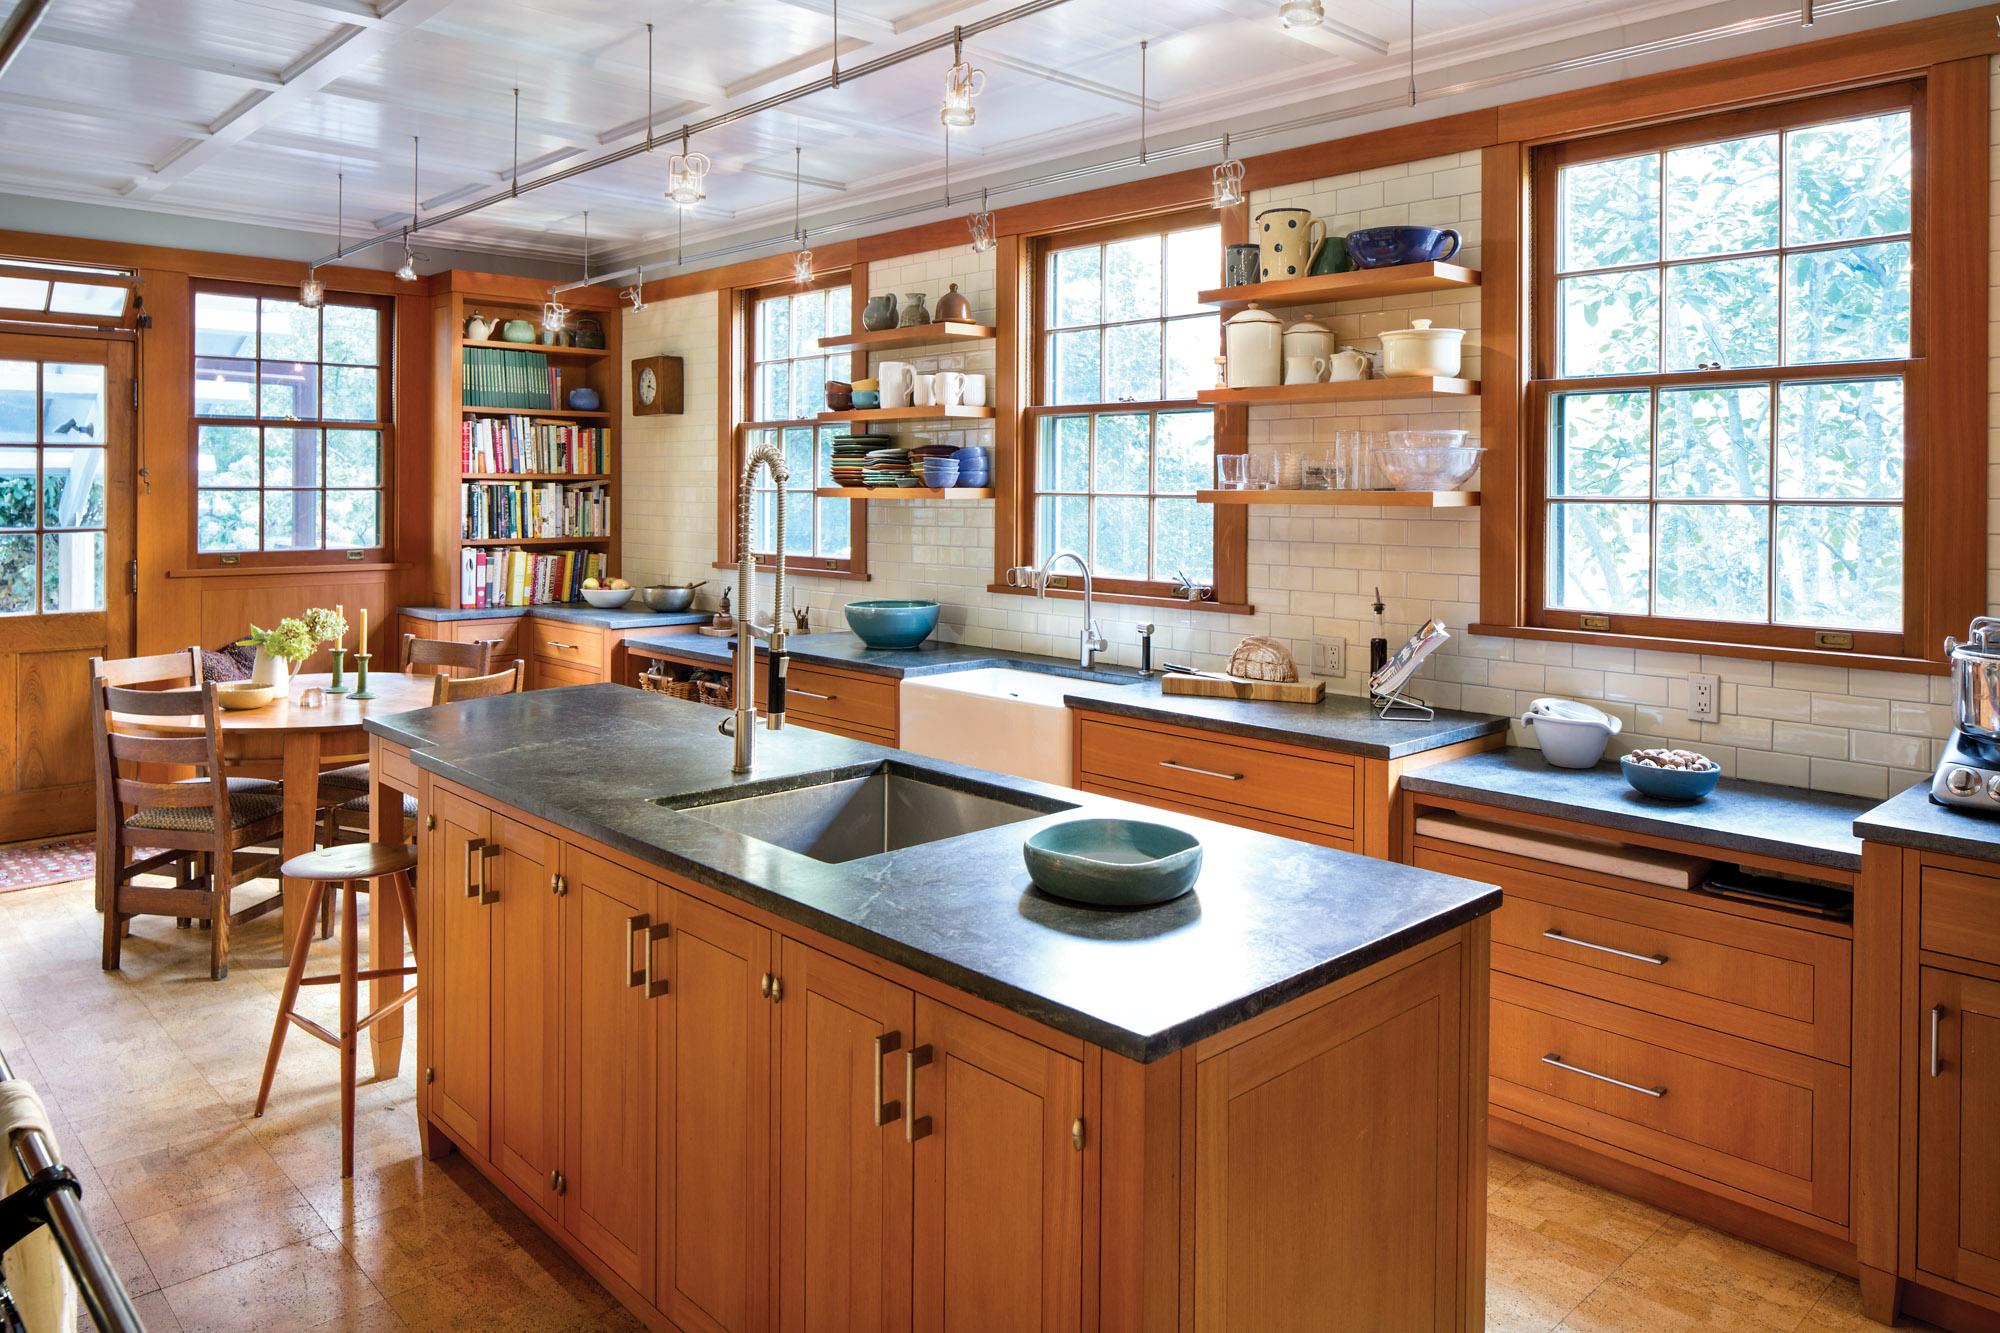 new Craftsman kitchen